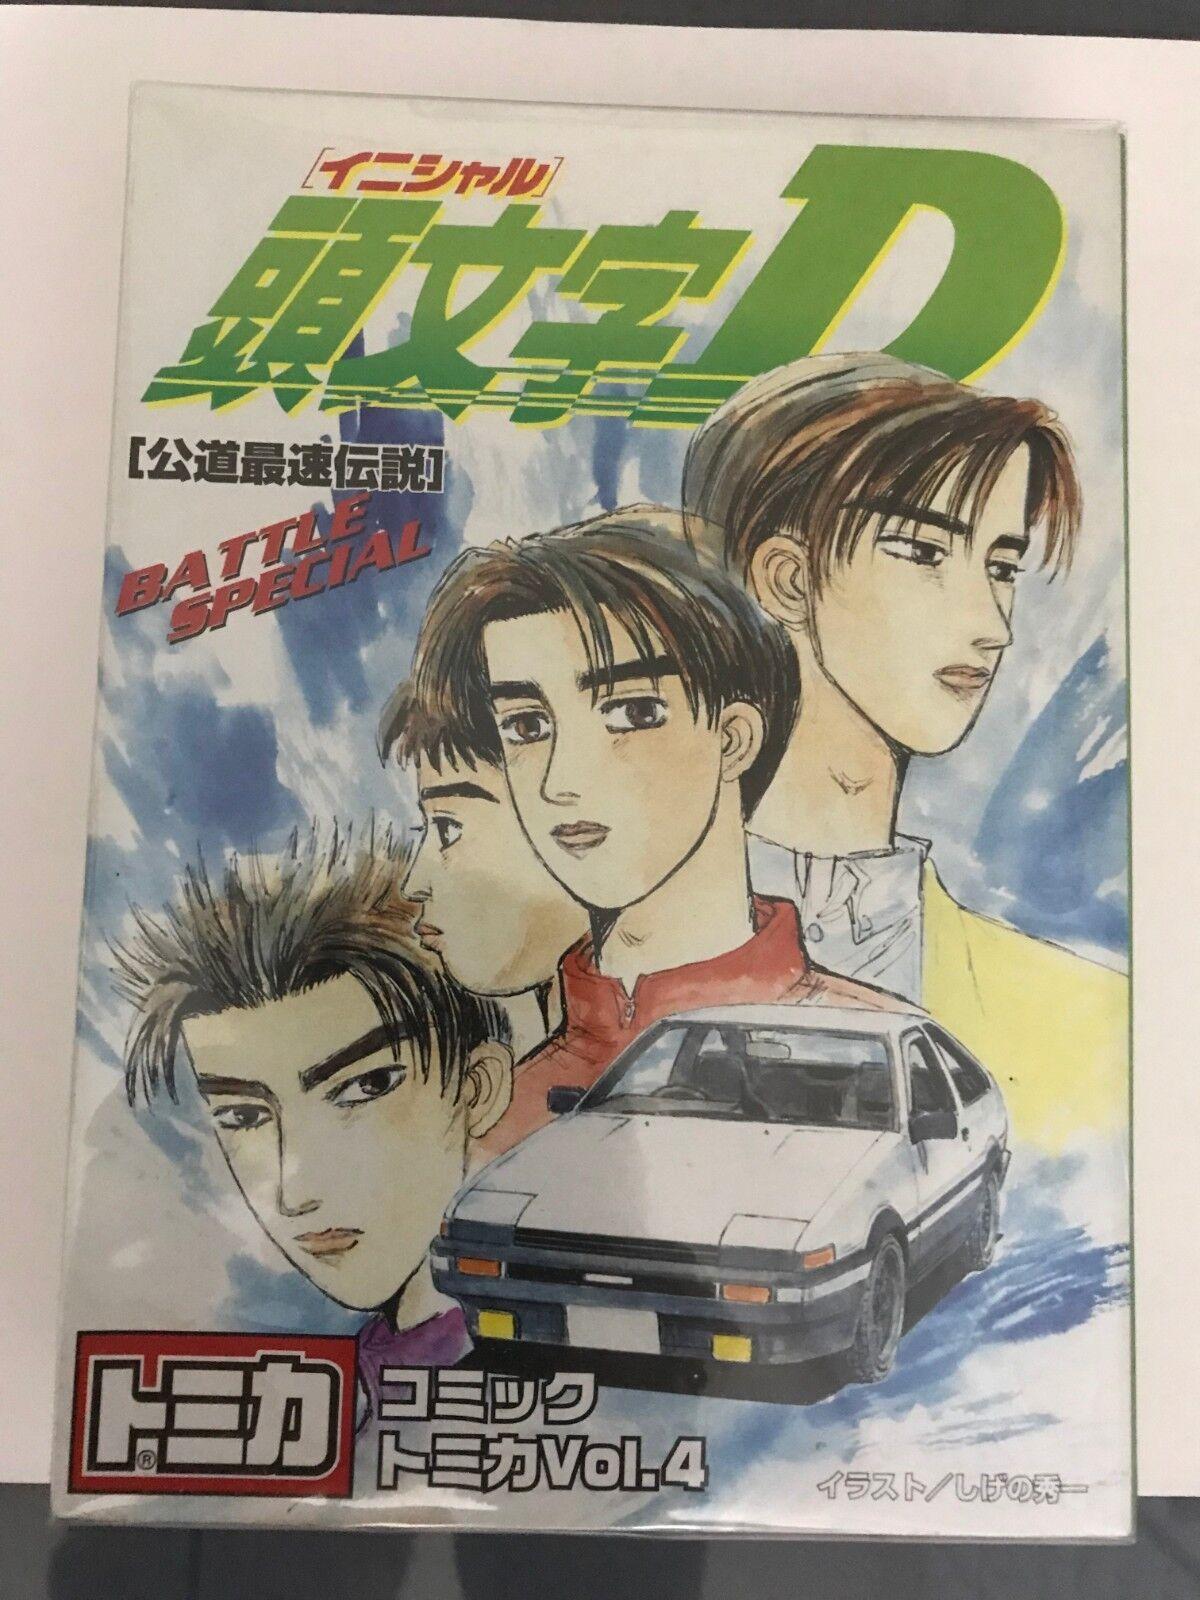 TOMICA INITIAL D Vol.4 RX-7 FC-3S FD-3S Minicar Set of 5 Cars